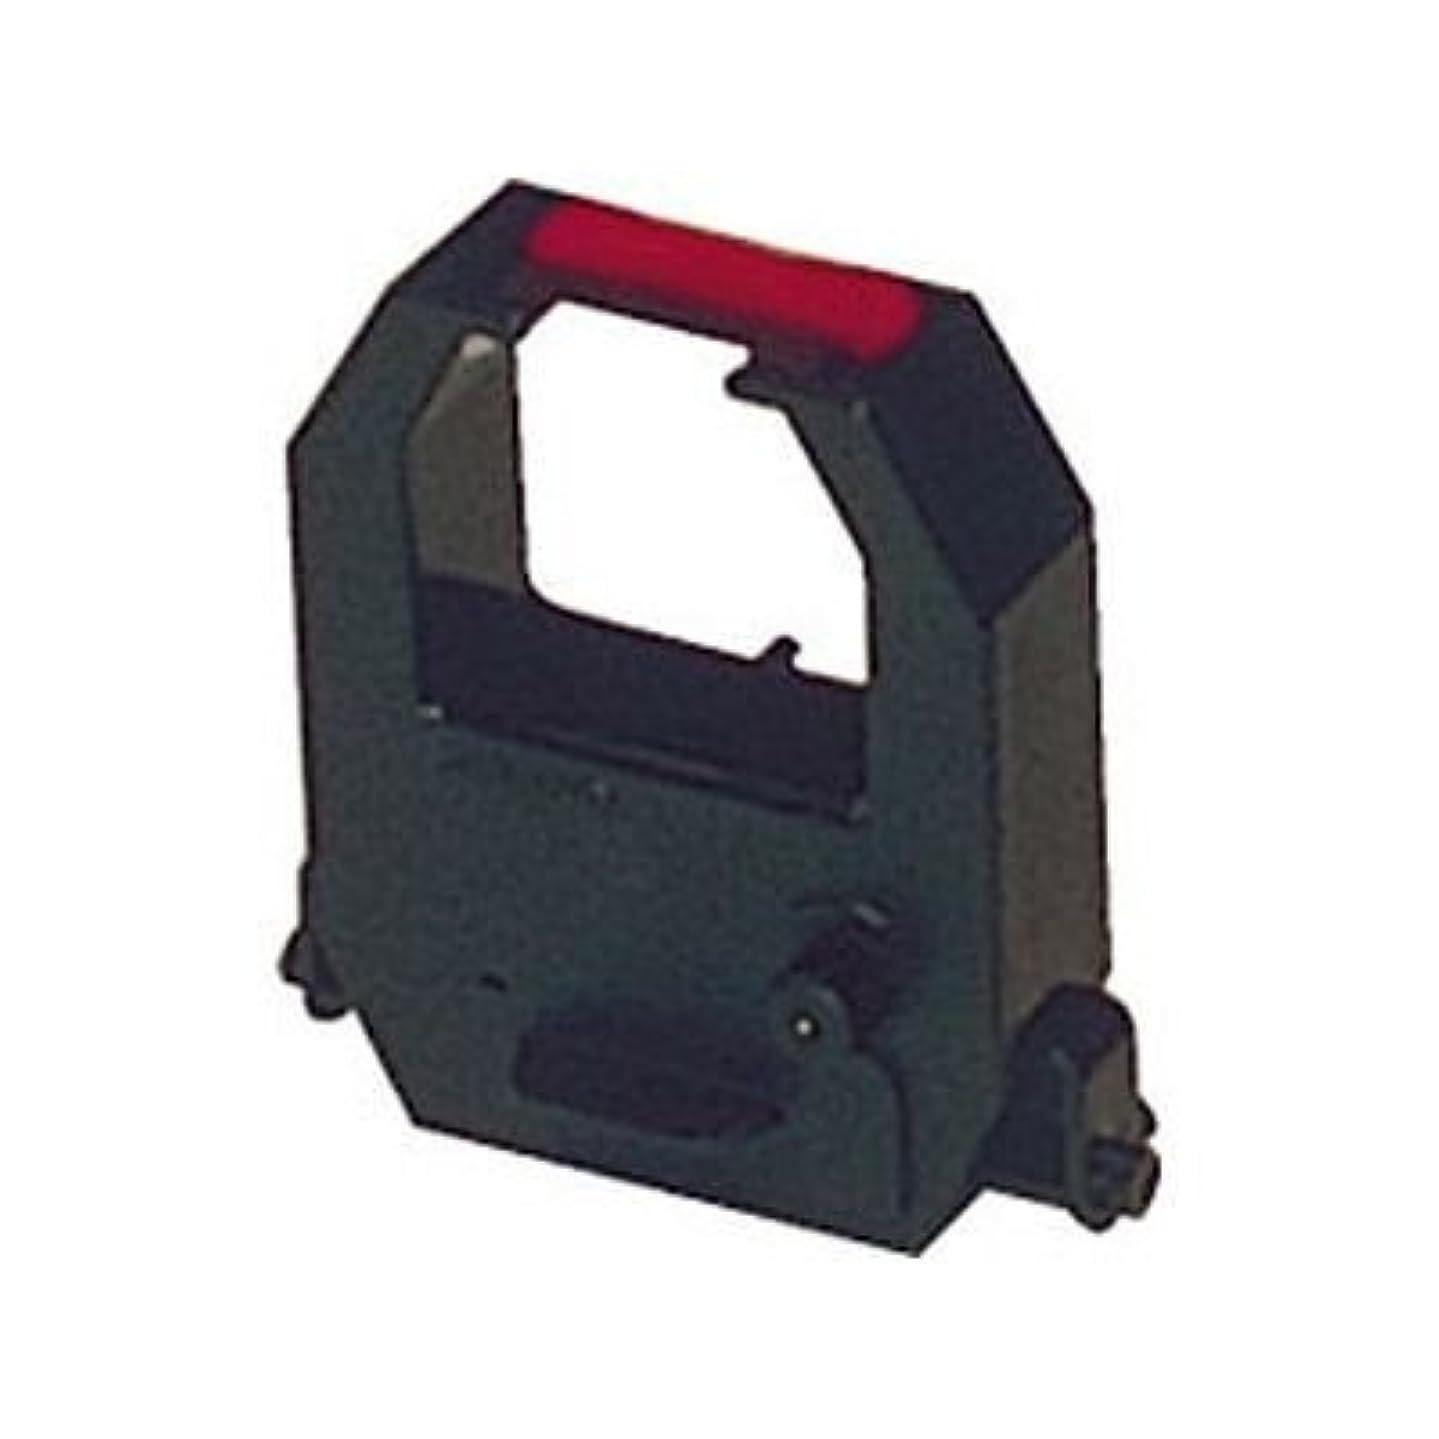 懇願する前提狂人アマノ タイムレコーダー用インクリボン 赤黒 CE315250/52523076